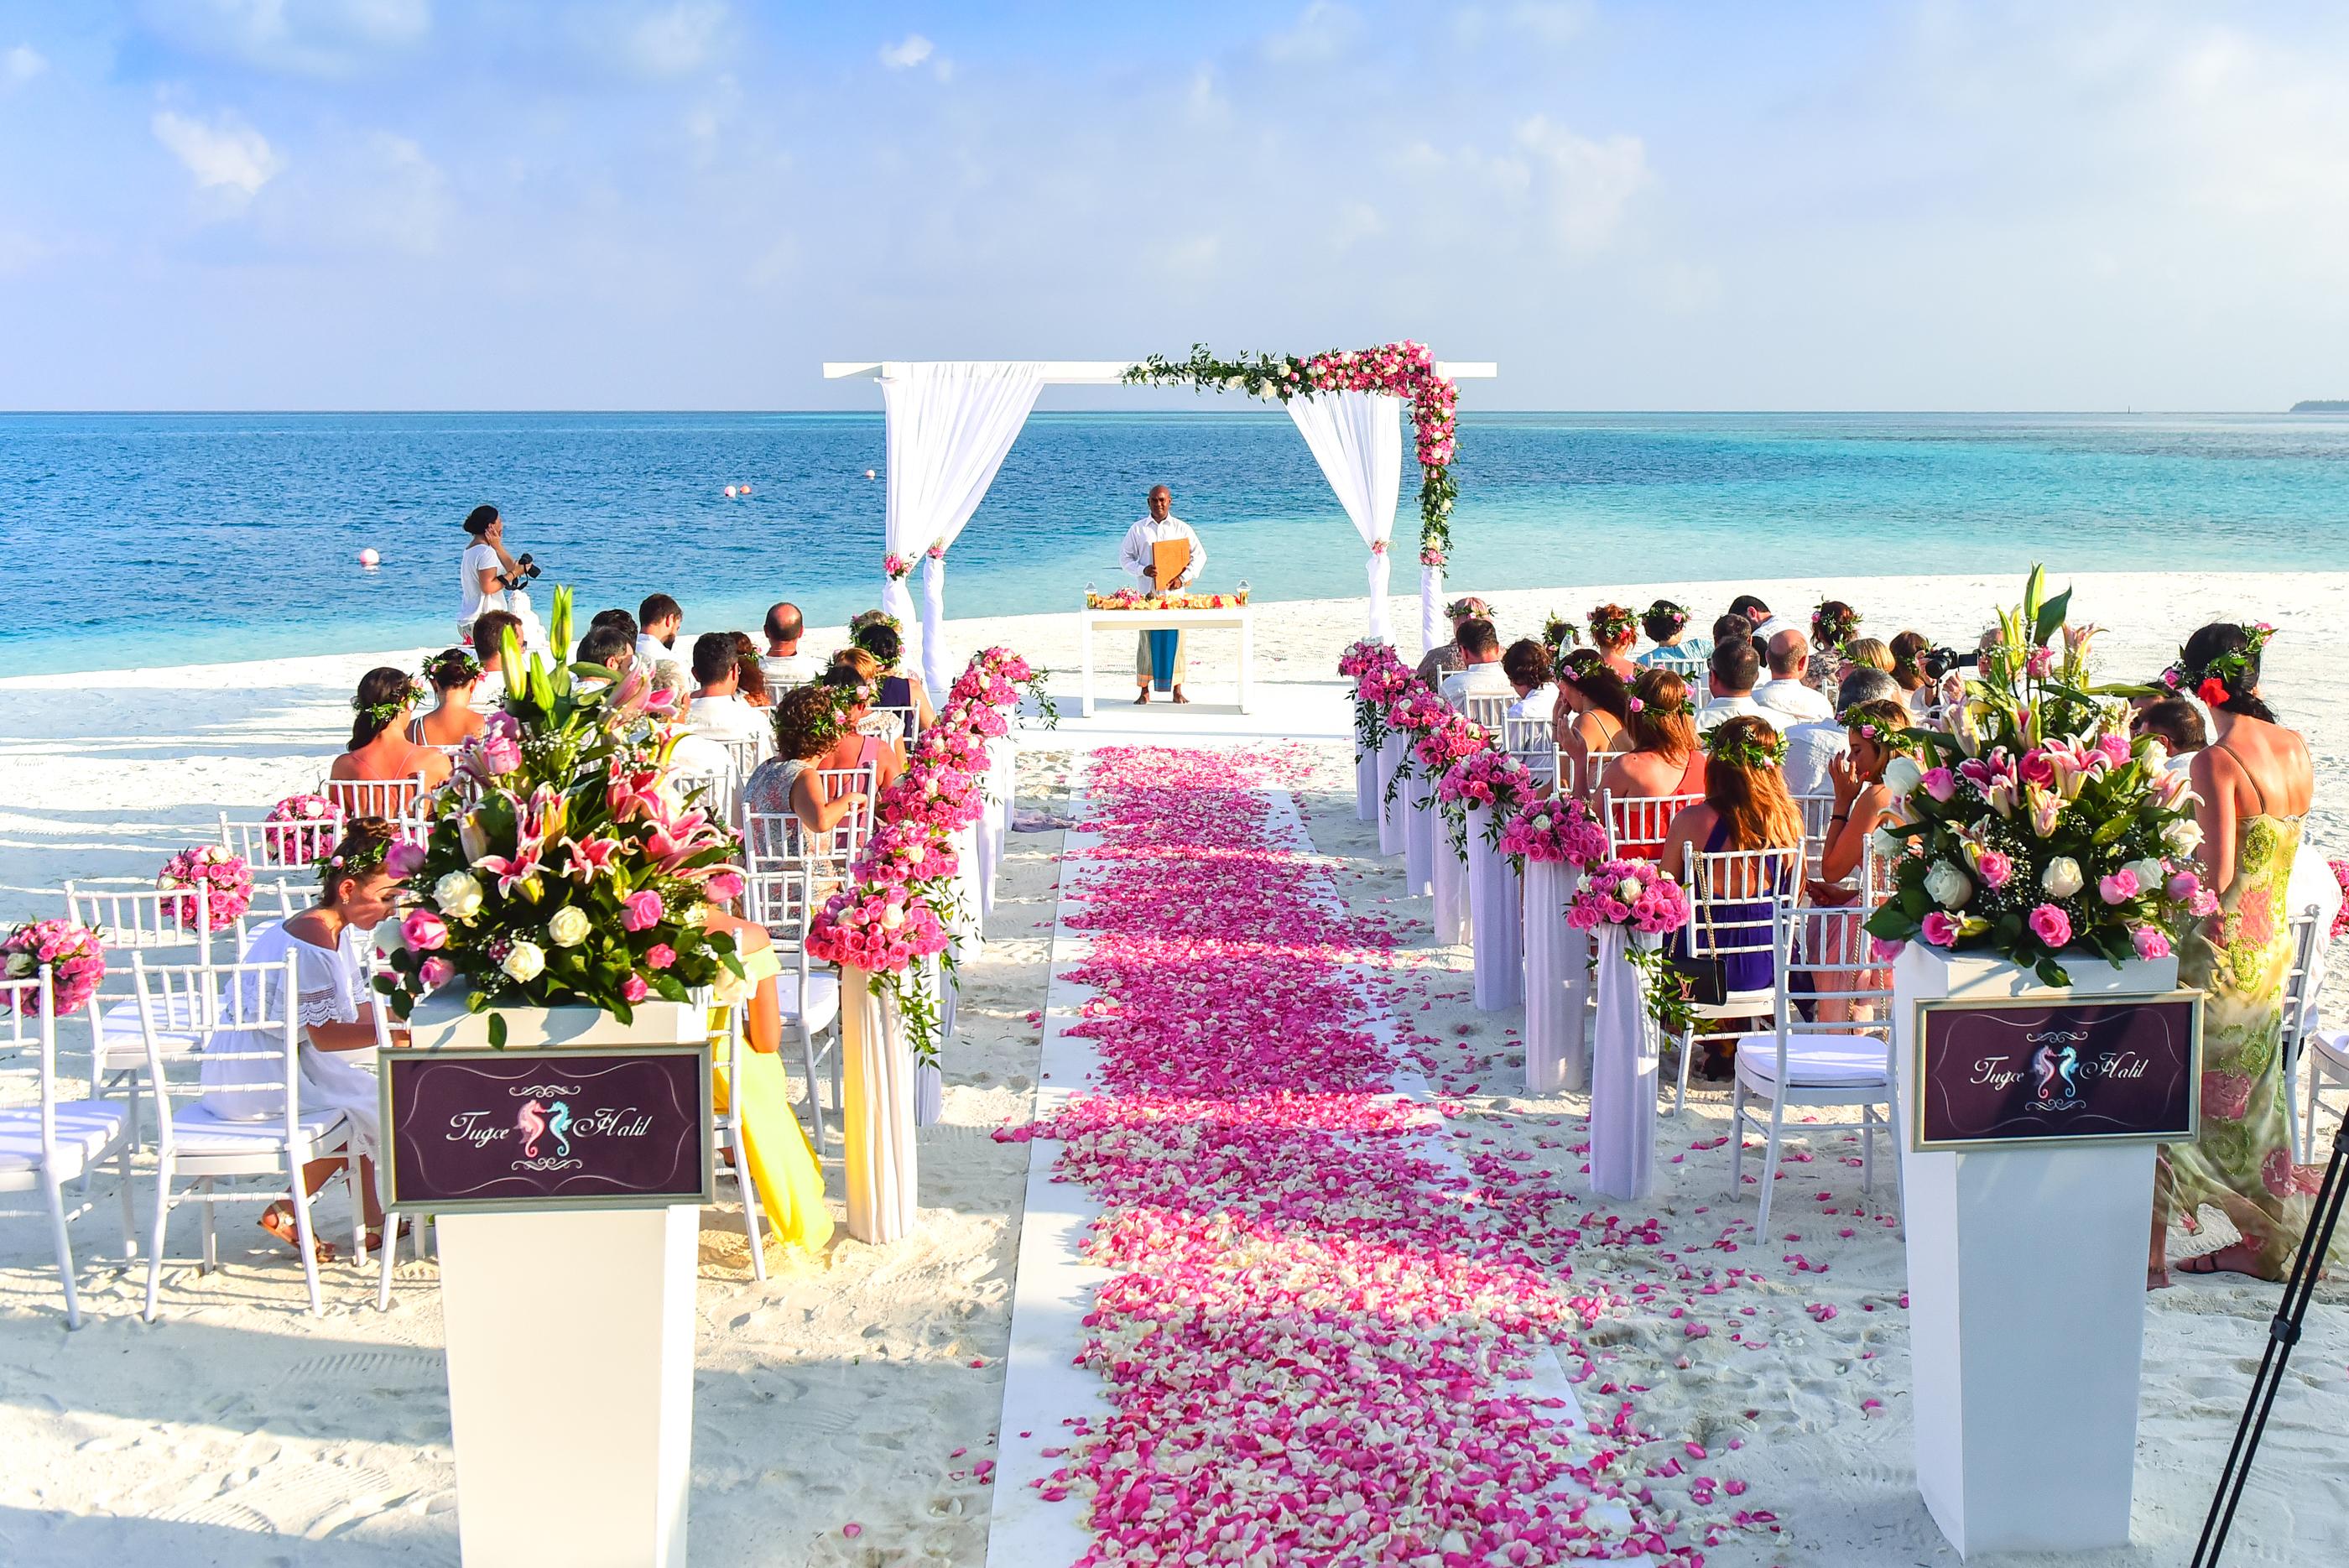 Free Images : man, beach, sea, water, sand, ocean, people, woman ...